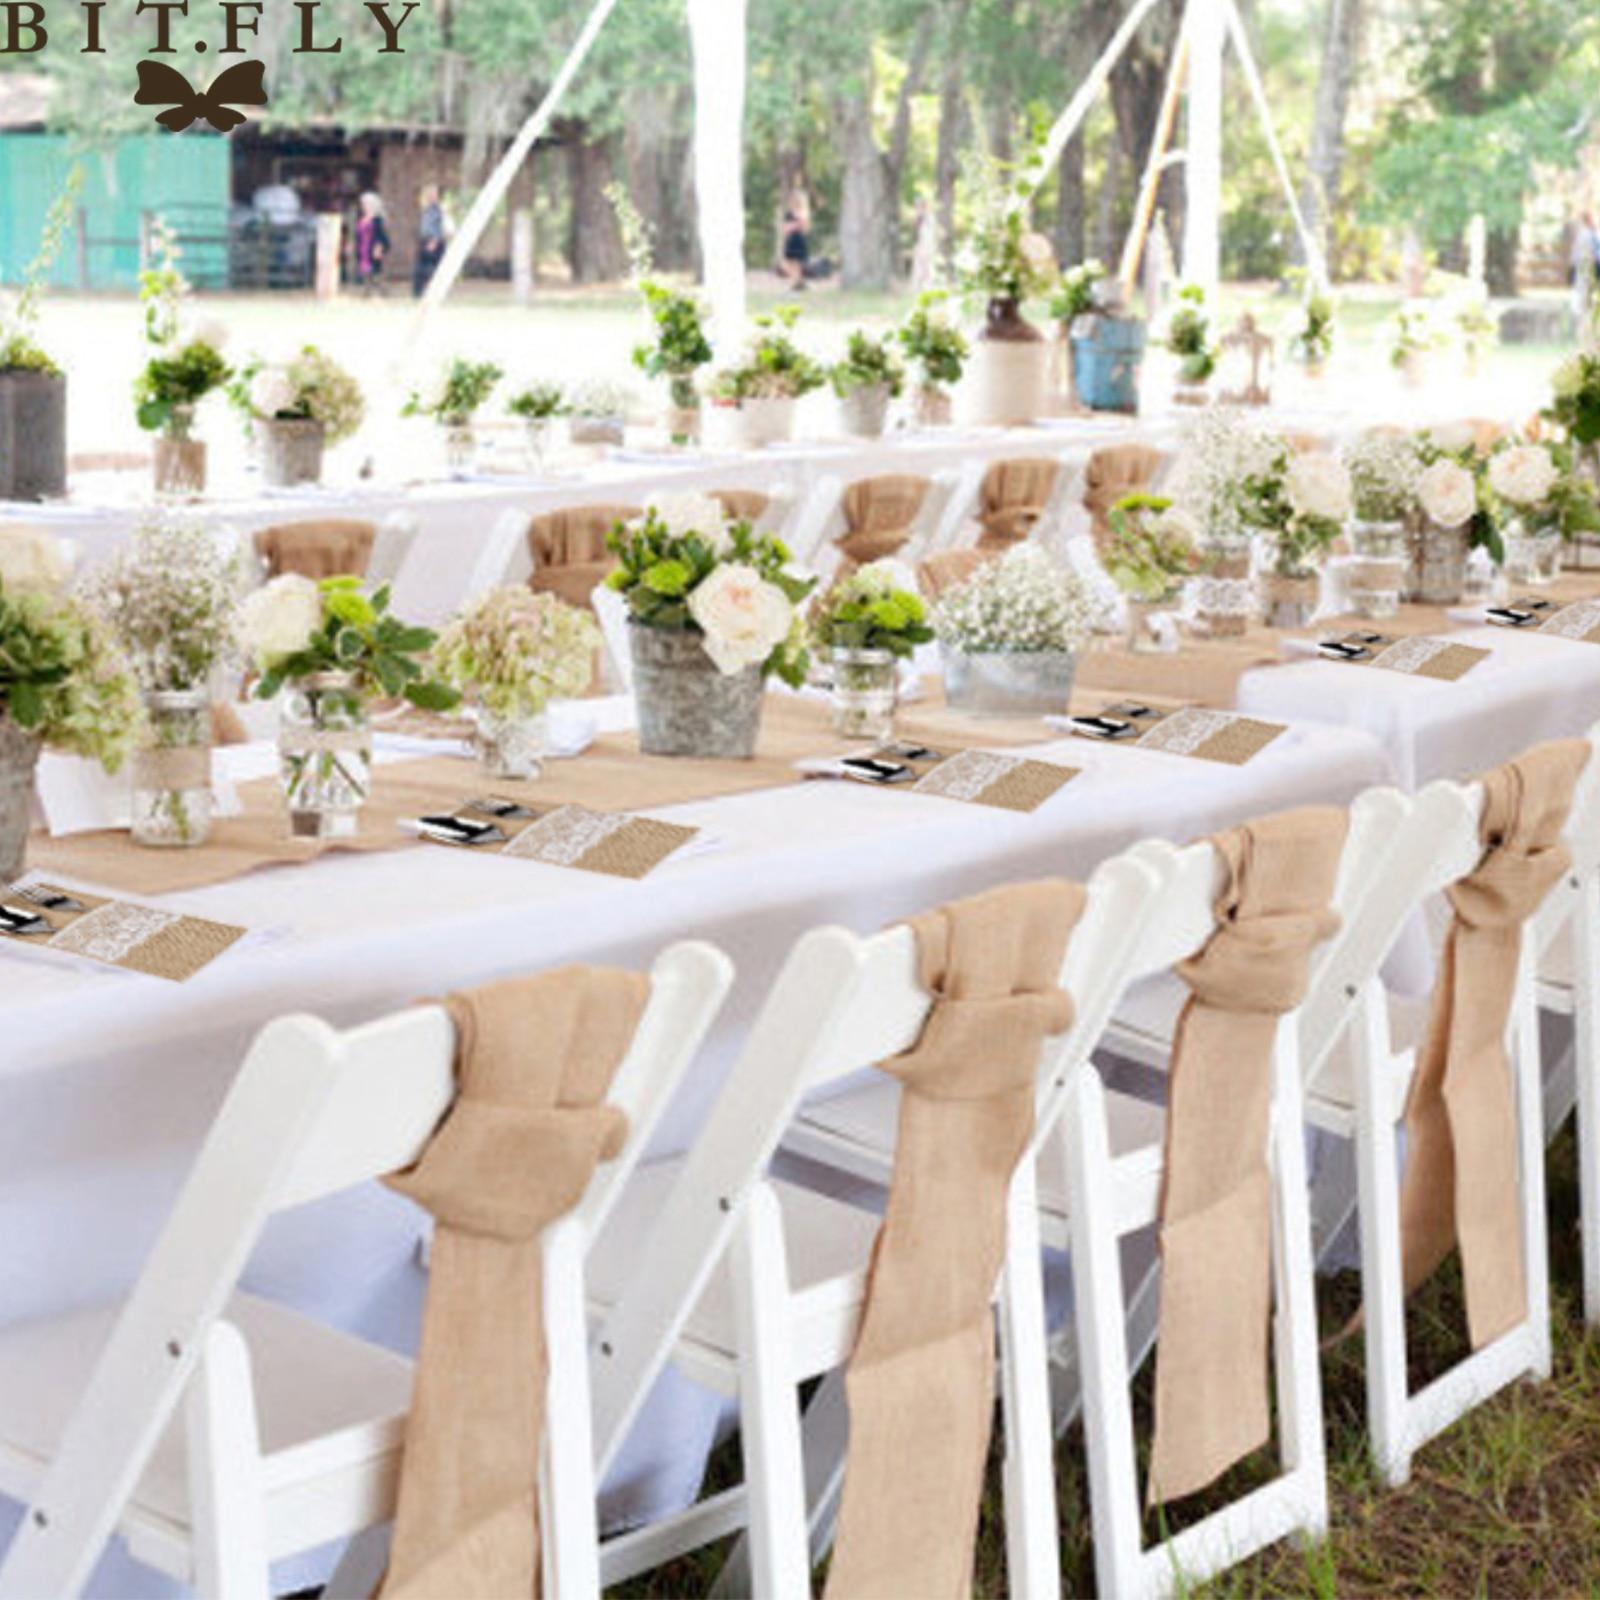 Rustic Wedding Decoration Burlap Chair Sashes jute Tie Bow burlap